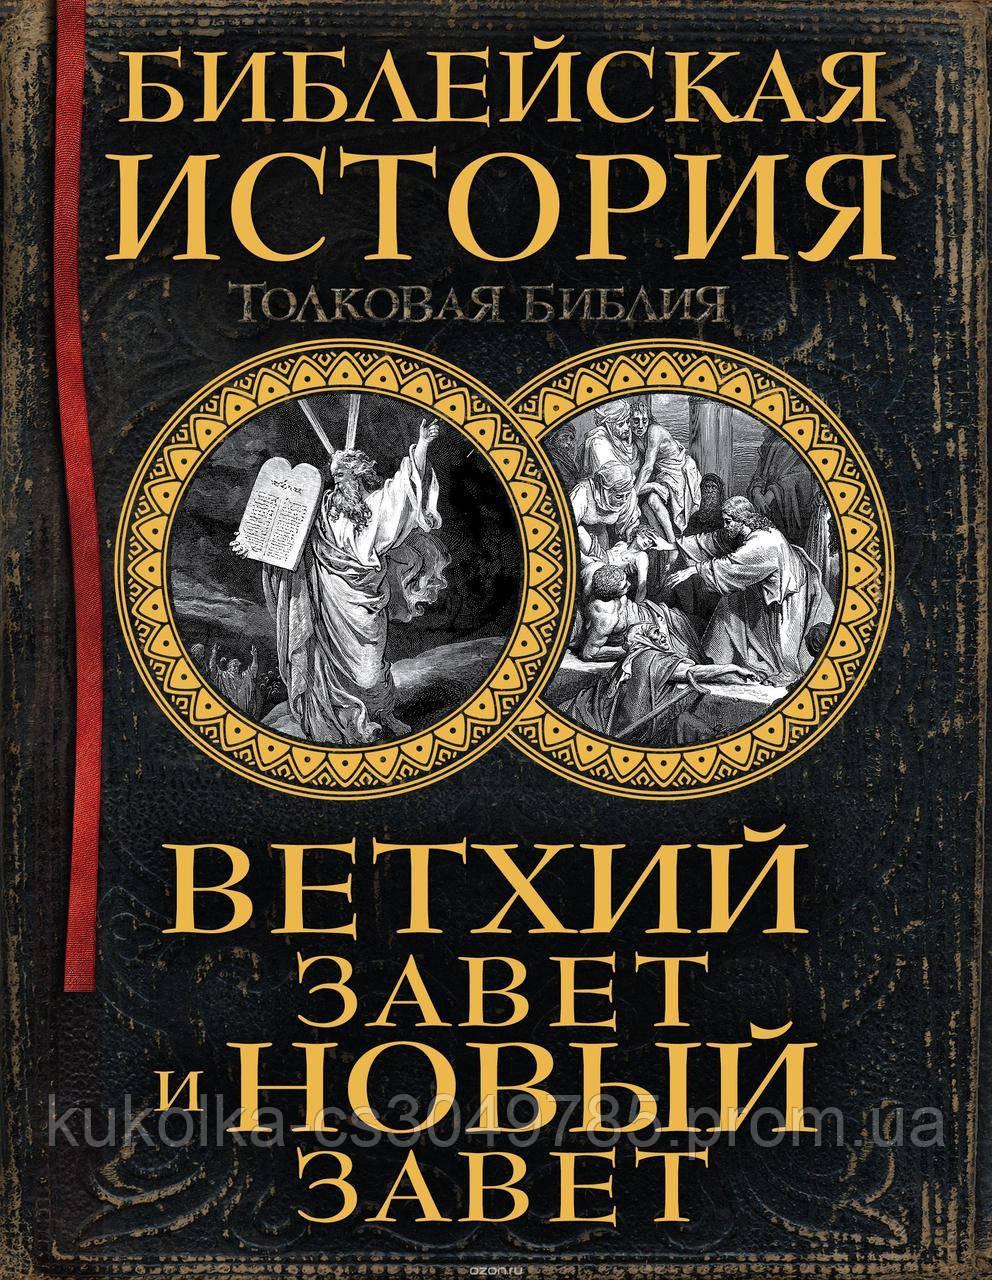 Библейская история. Ветхий Завет и Новый Завет  Лопухин А